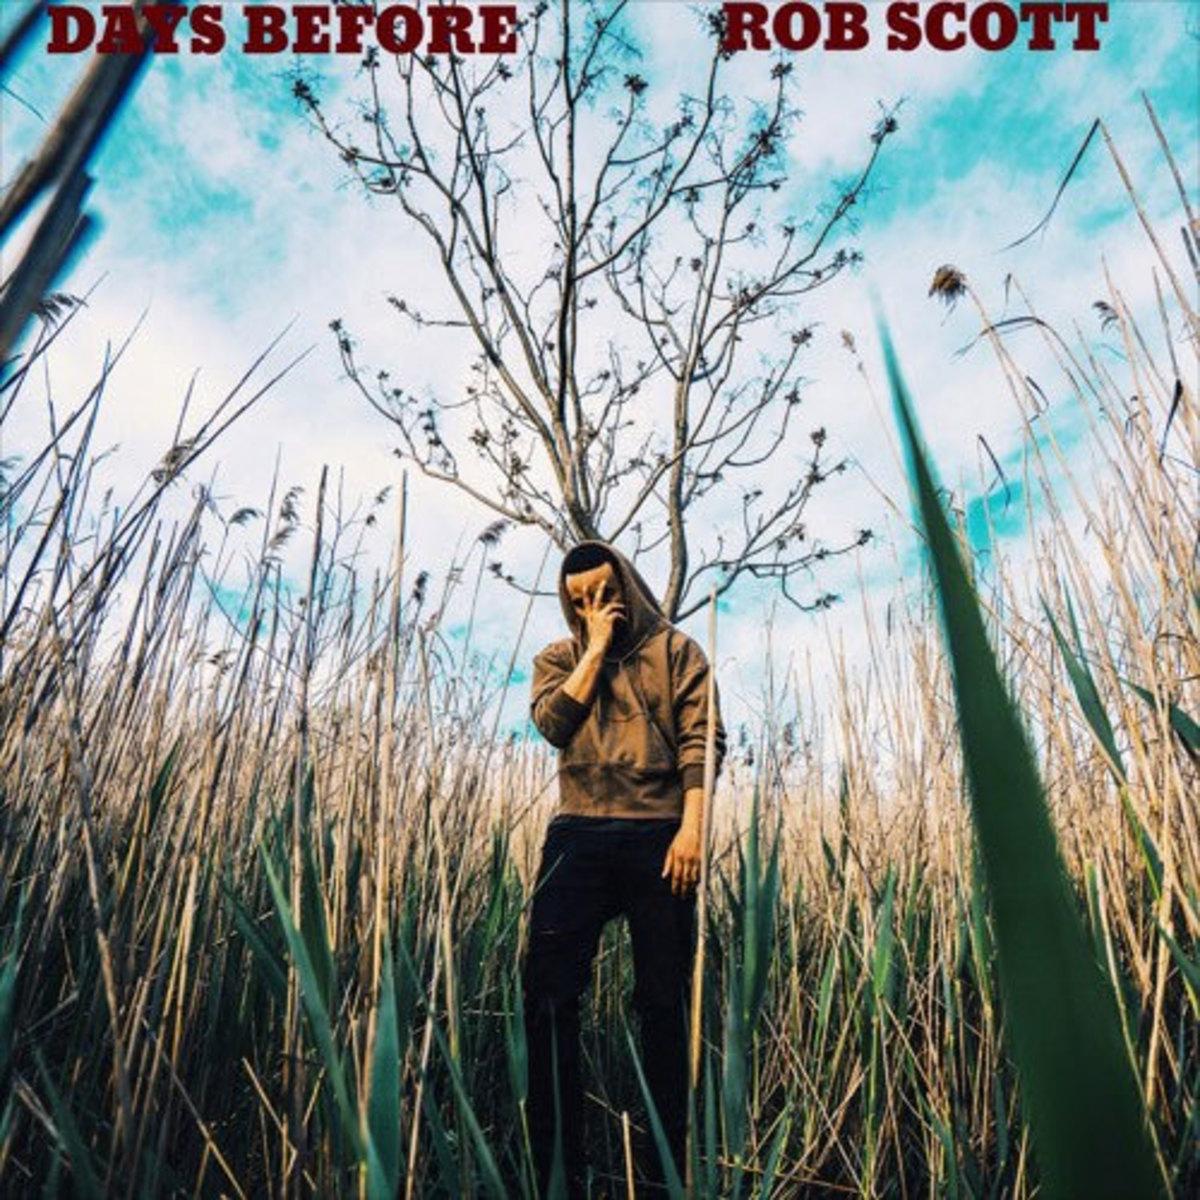 rob-scott-days-before.jpg